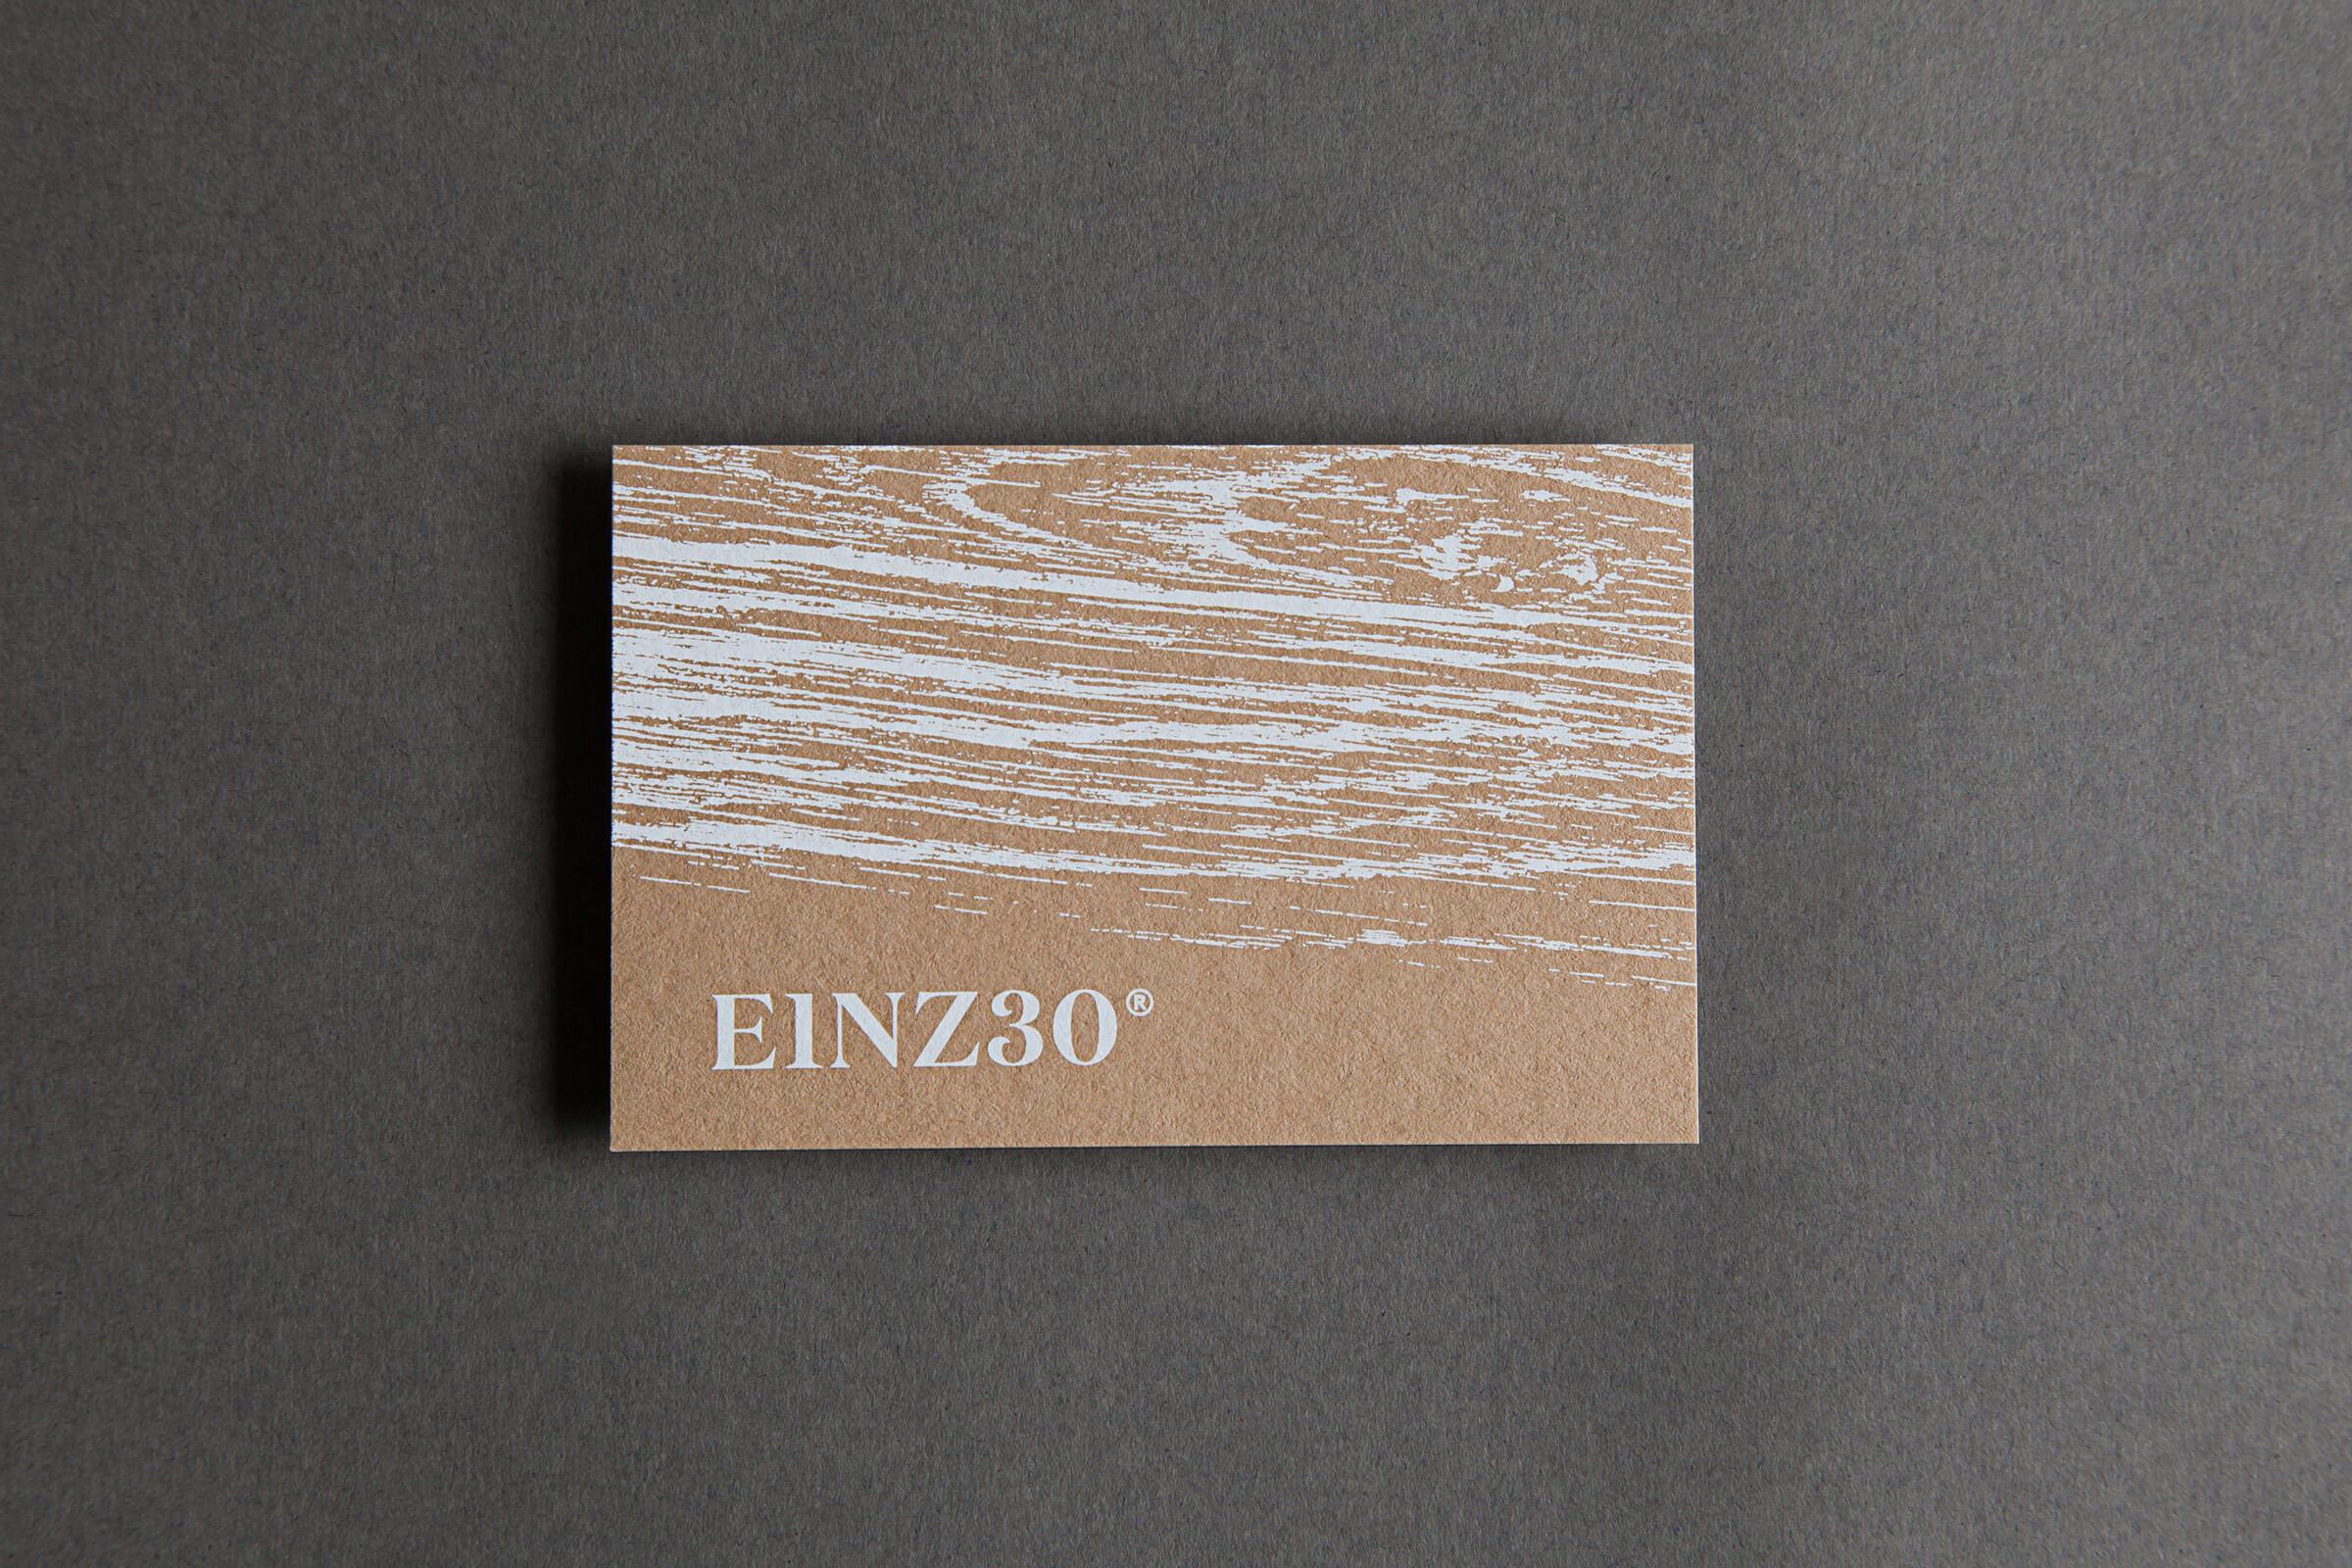 dreizehnundfuenf_design_studio_einz30_1